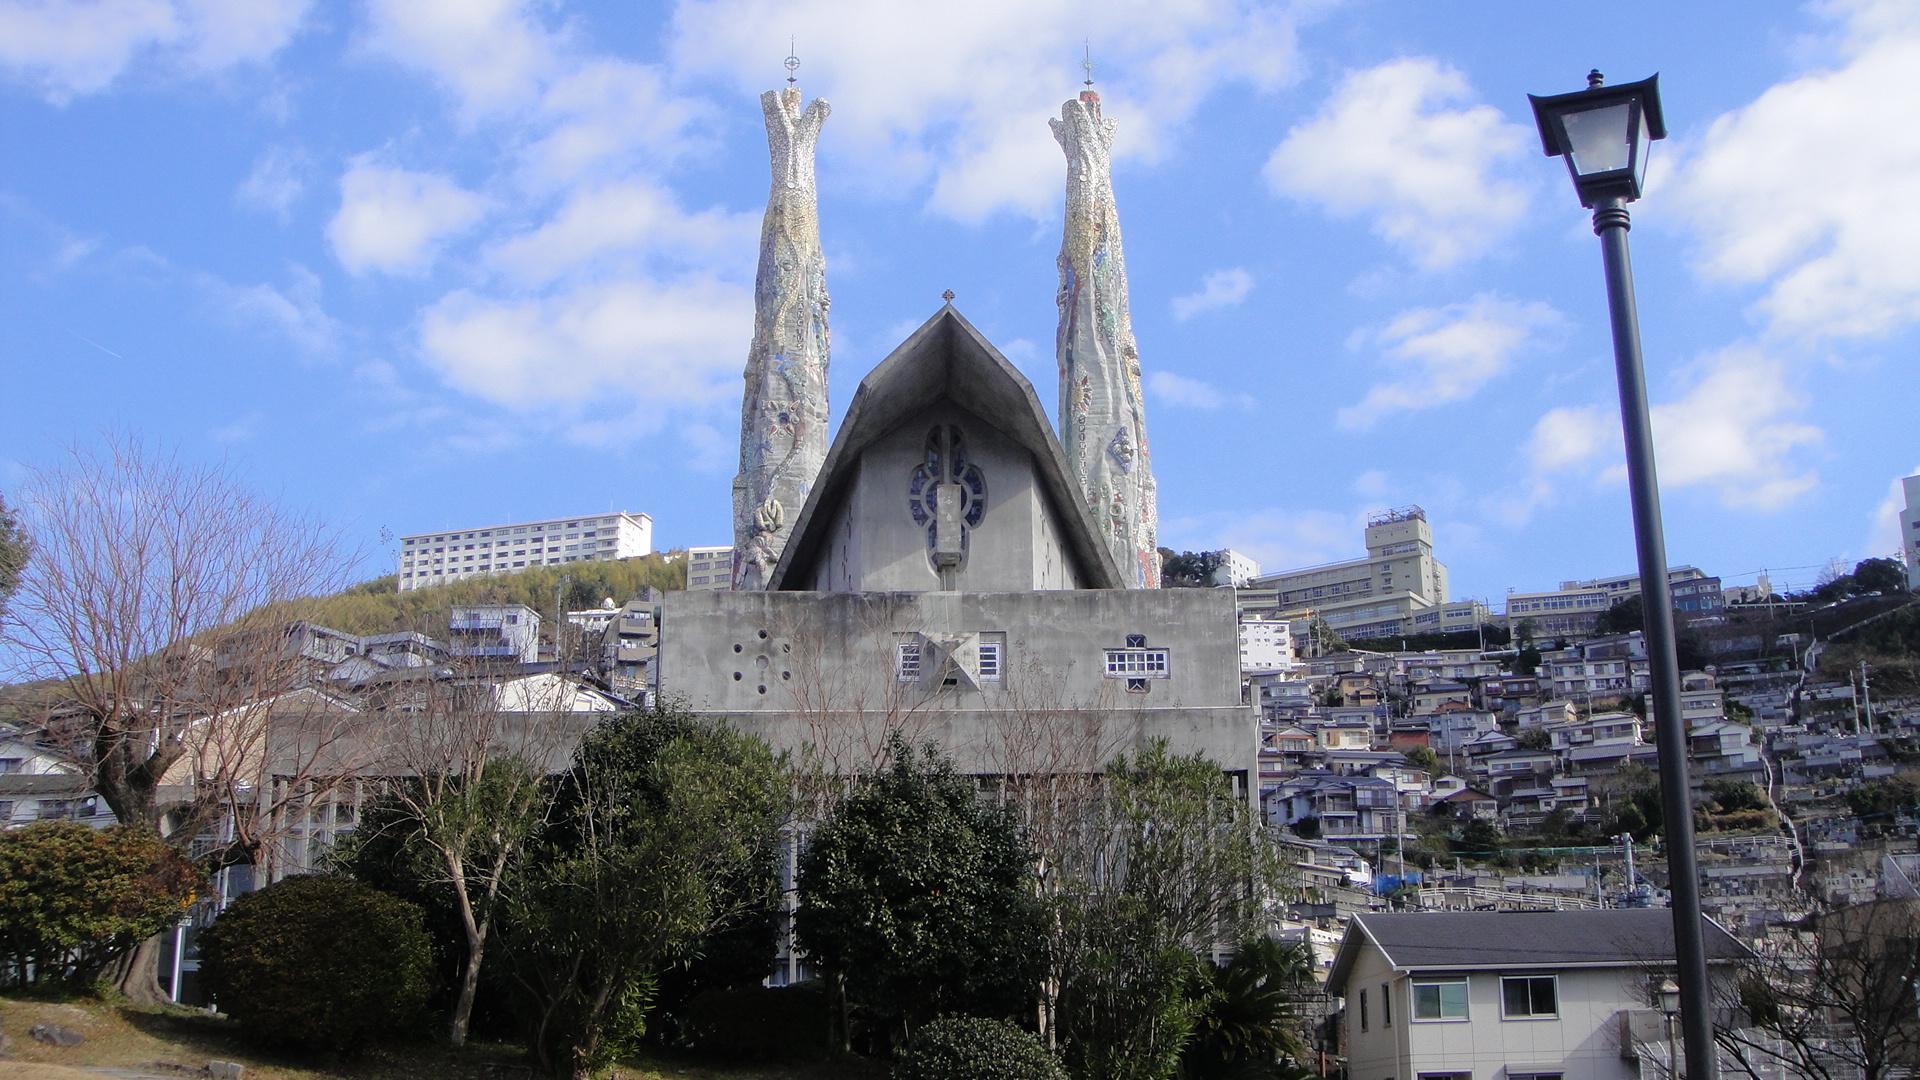 聖フィリッポ・デ・ヘスス教会26聖人から